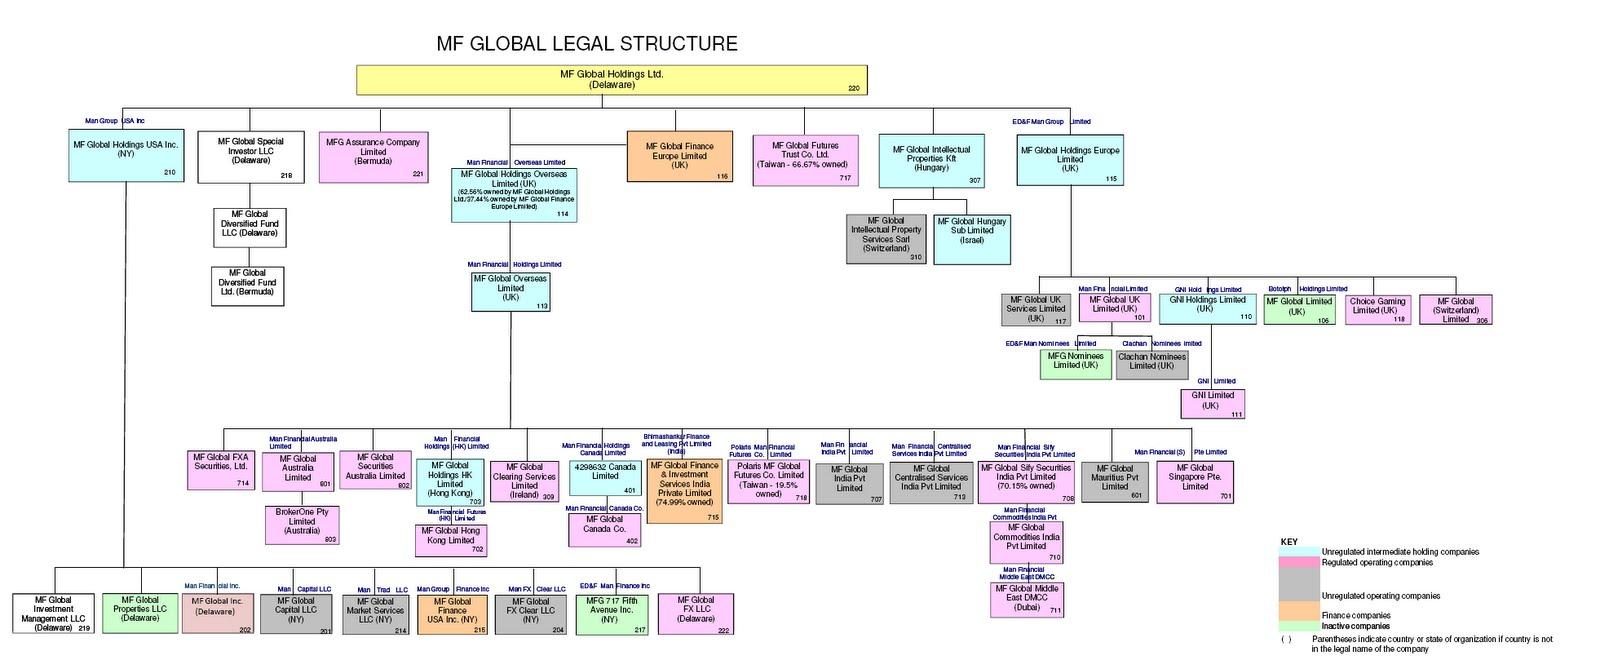 microsoft organizational structure paper